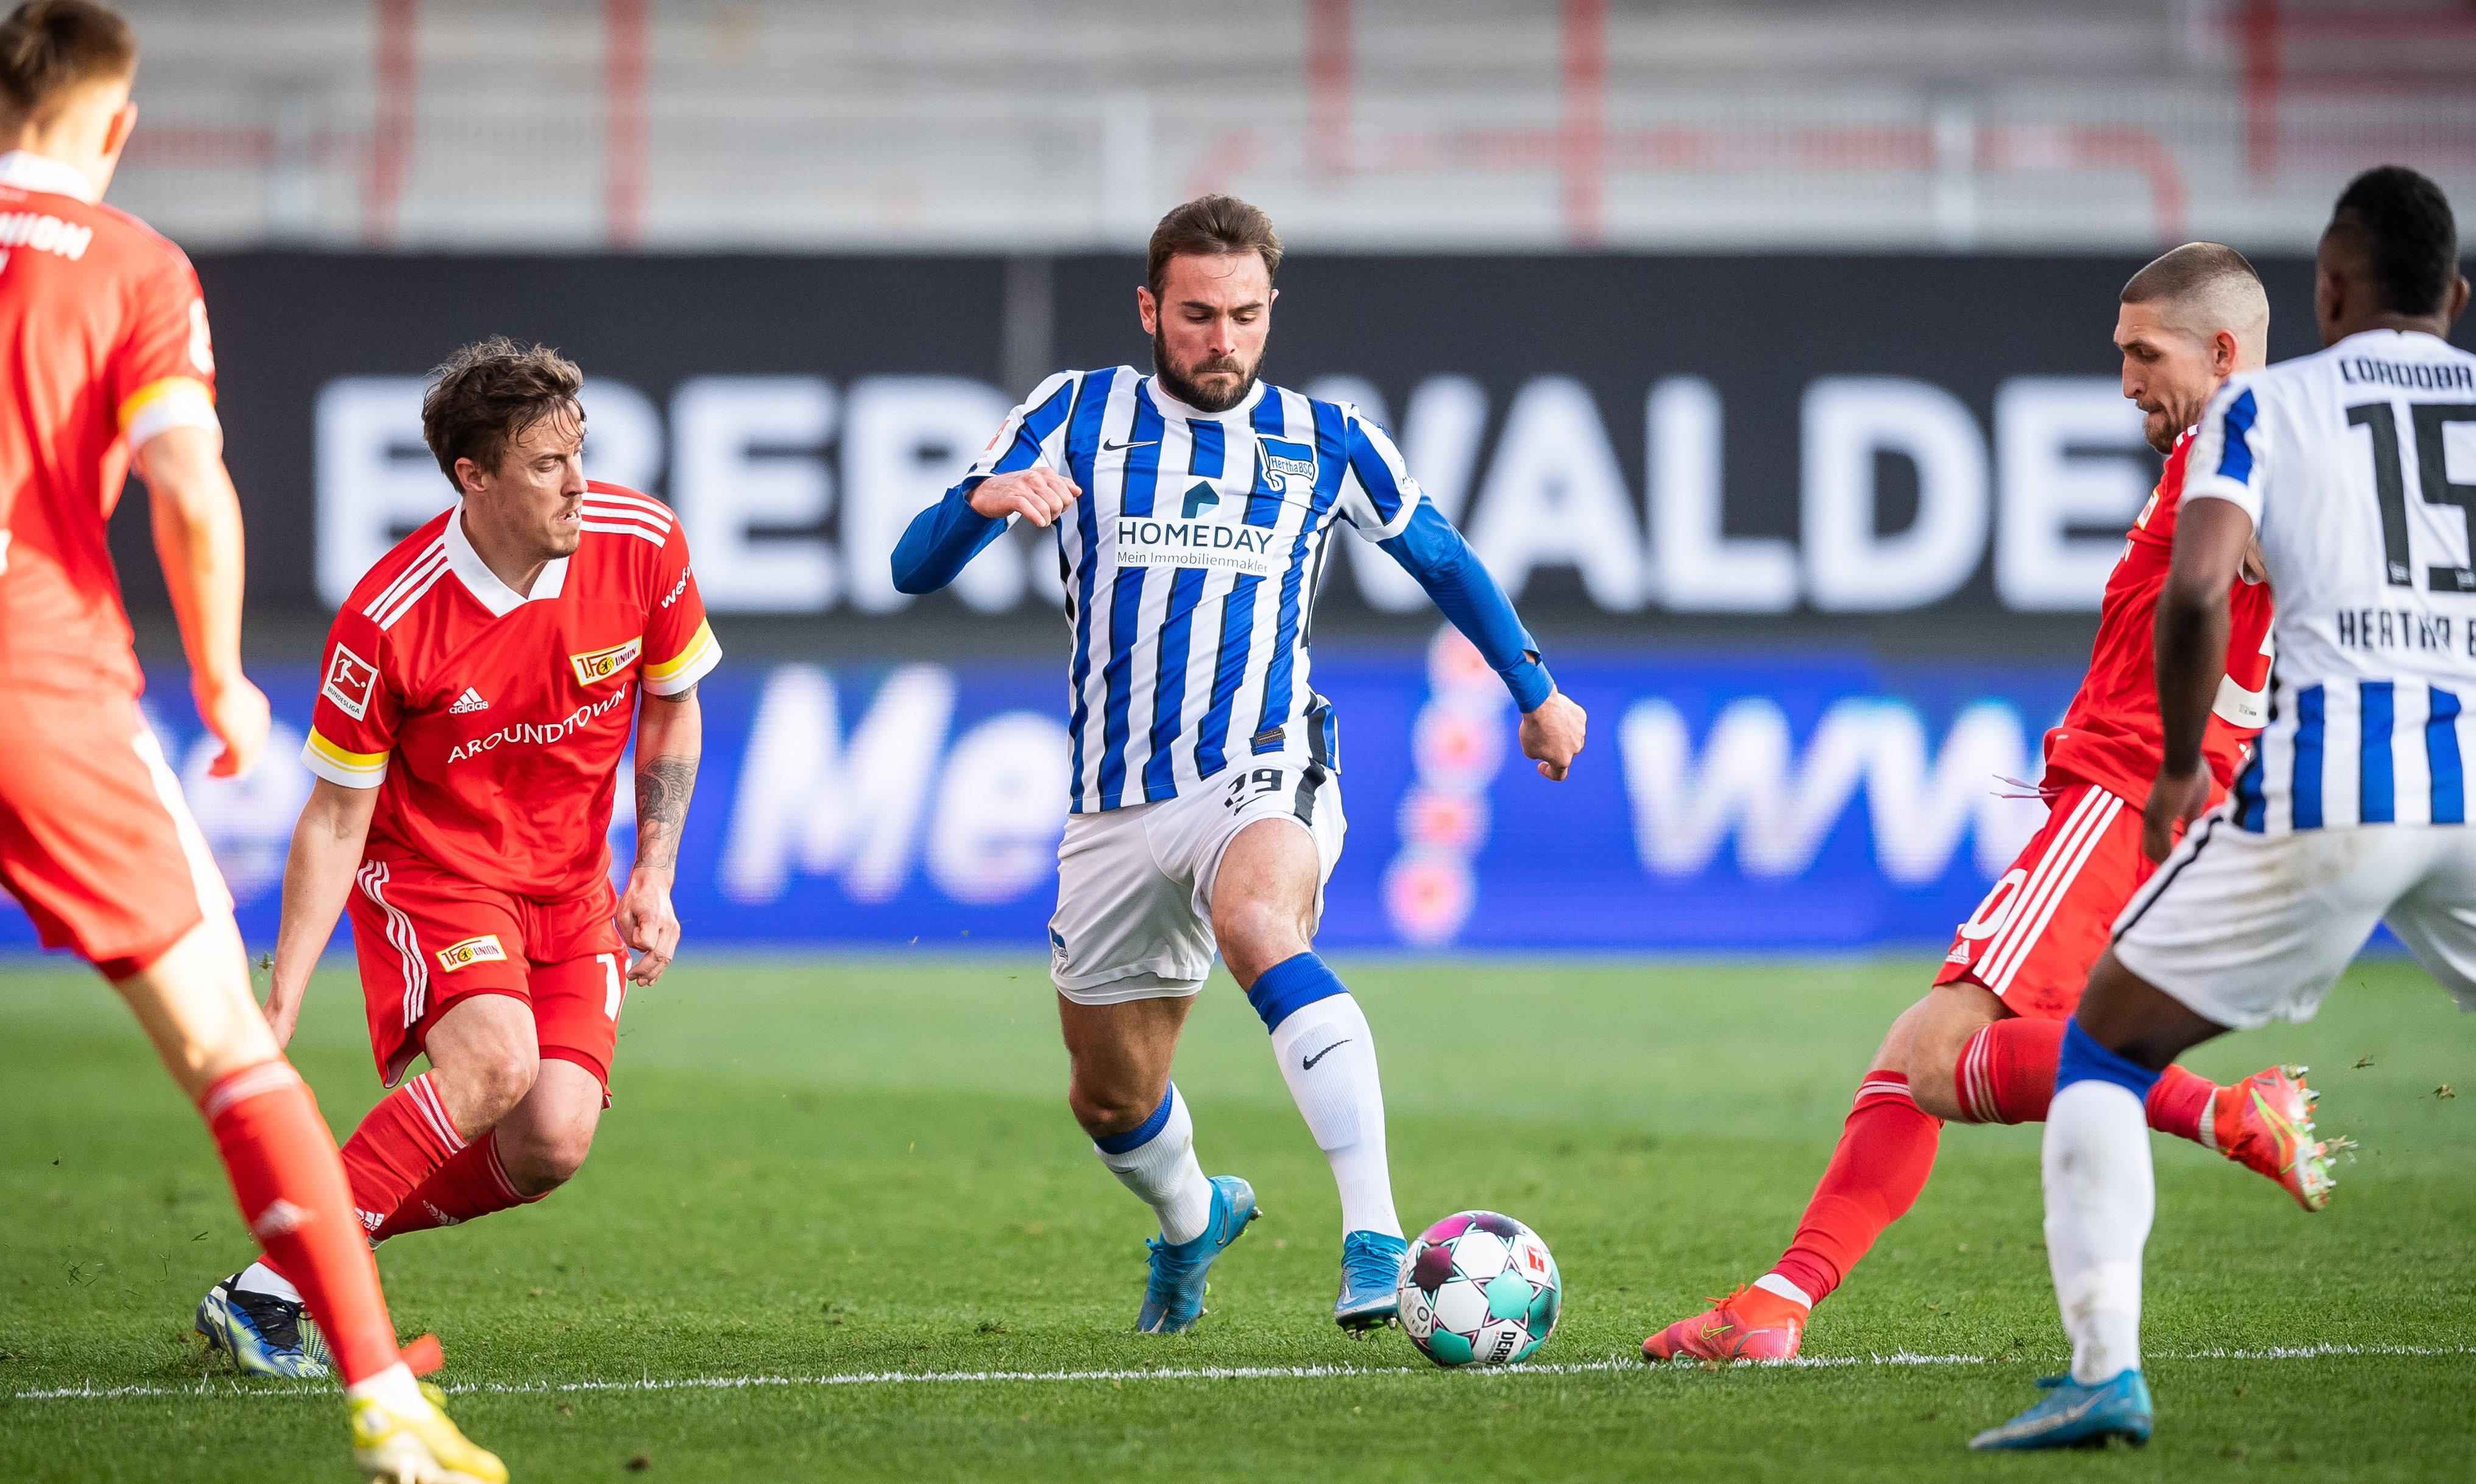 Lucas Tousart en el partido ante el 1. FC Union